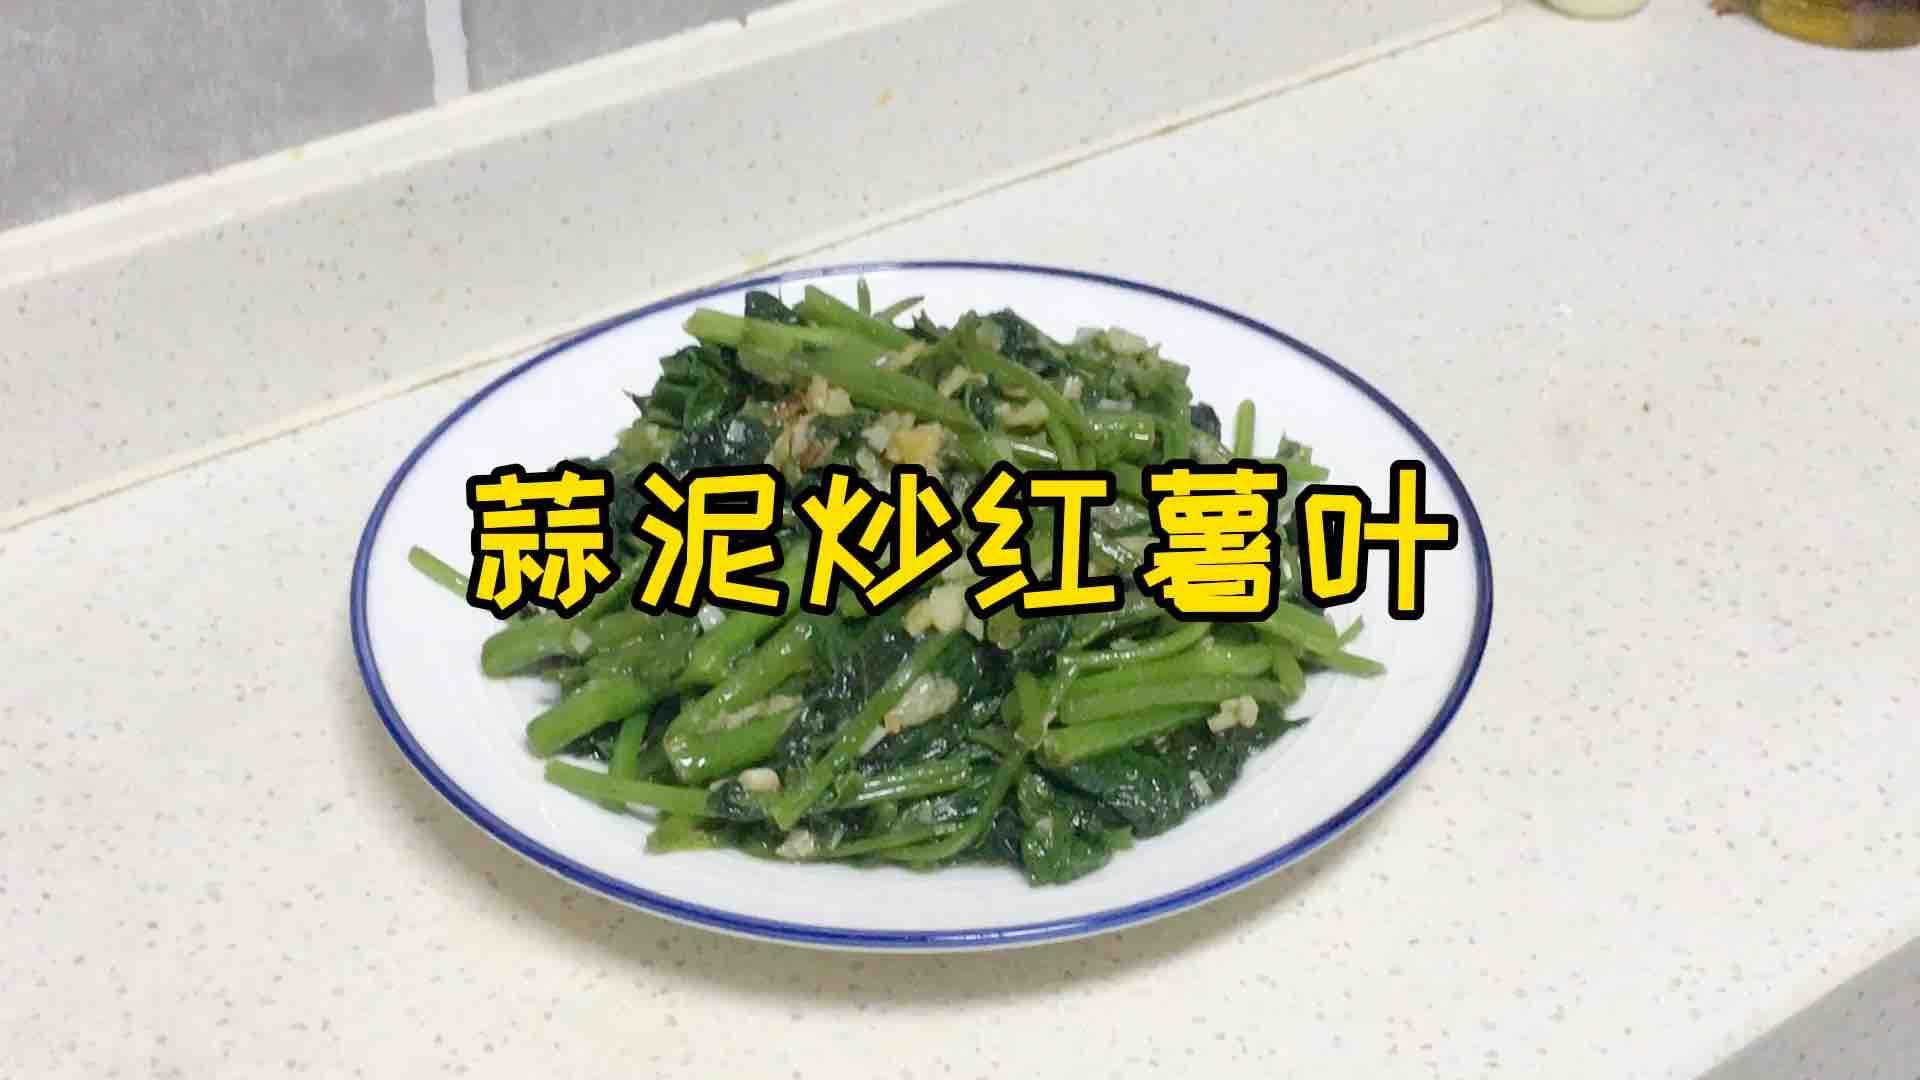 蒜泥炒红薯叶